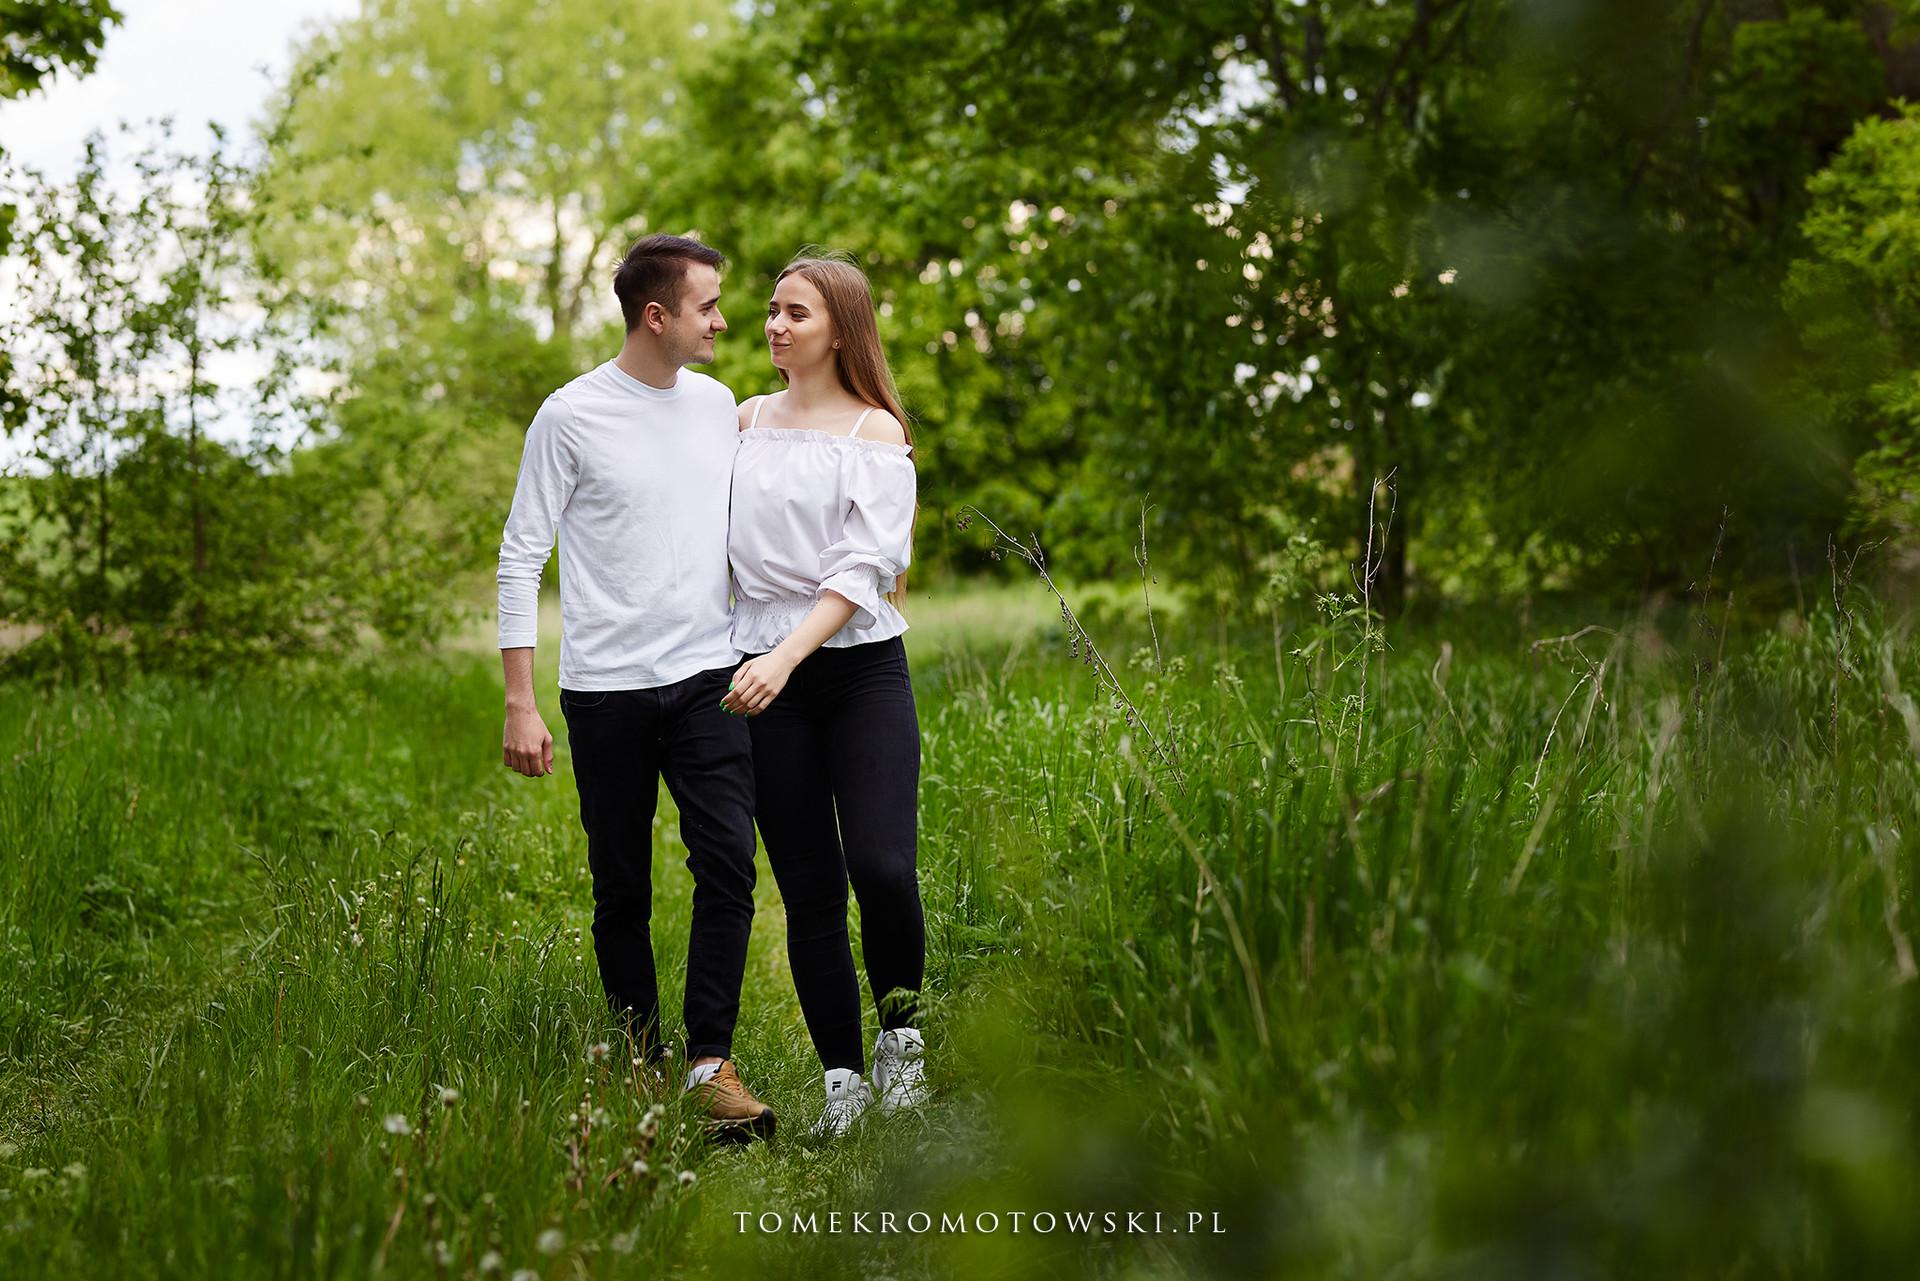 leśny spacer zakochanych fotograf